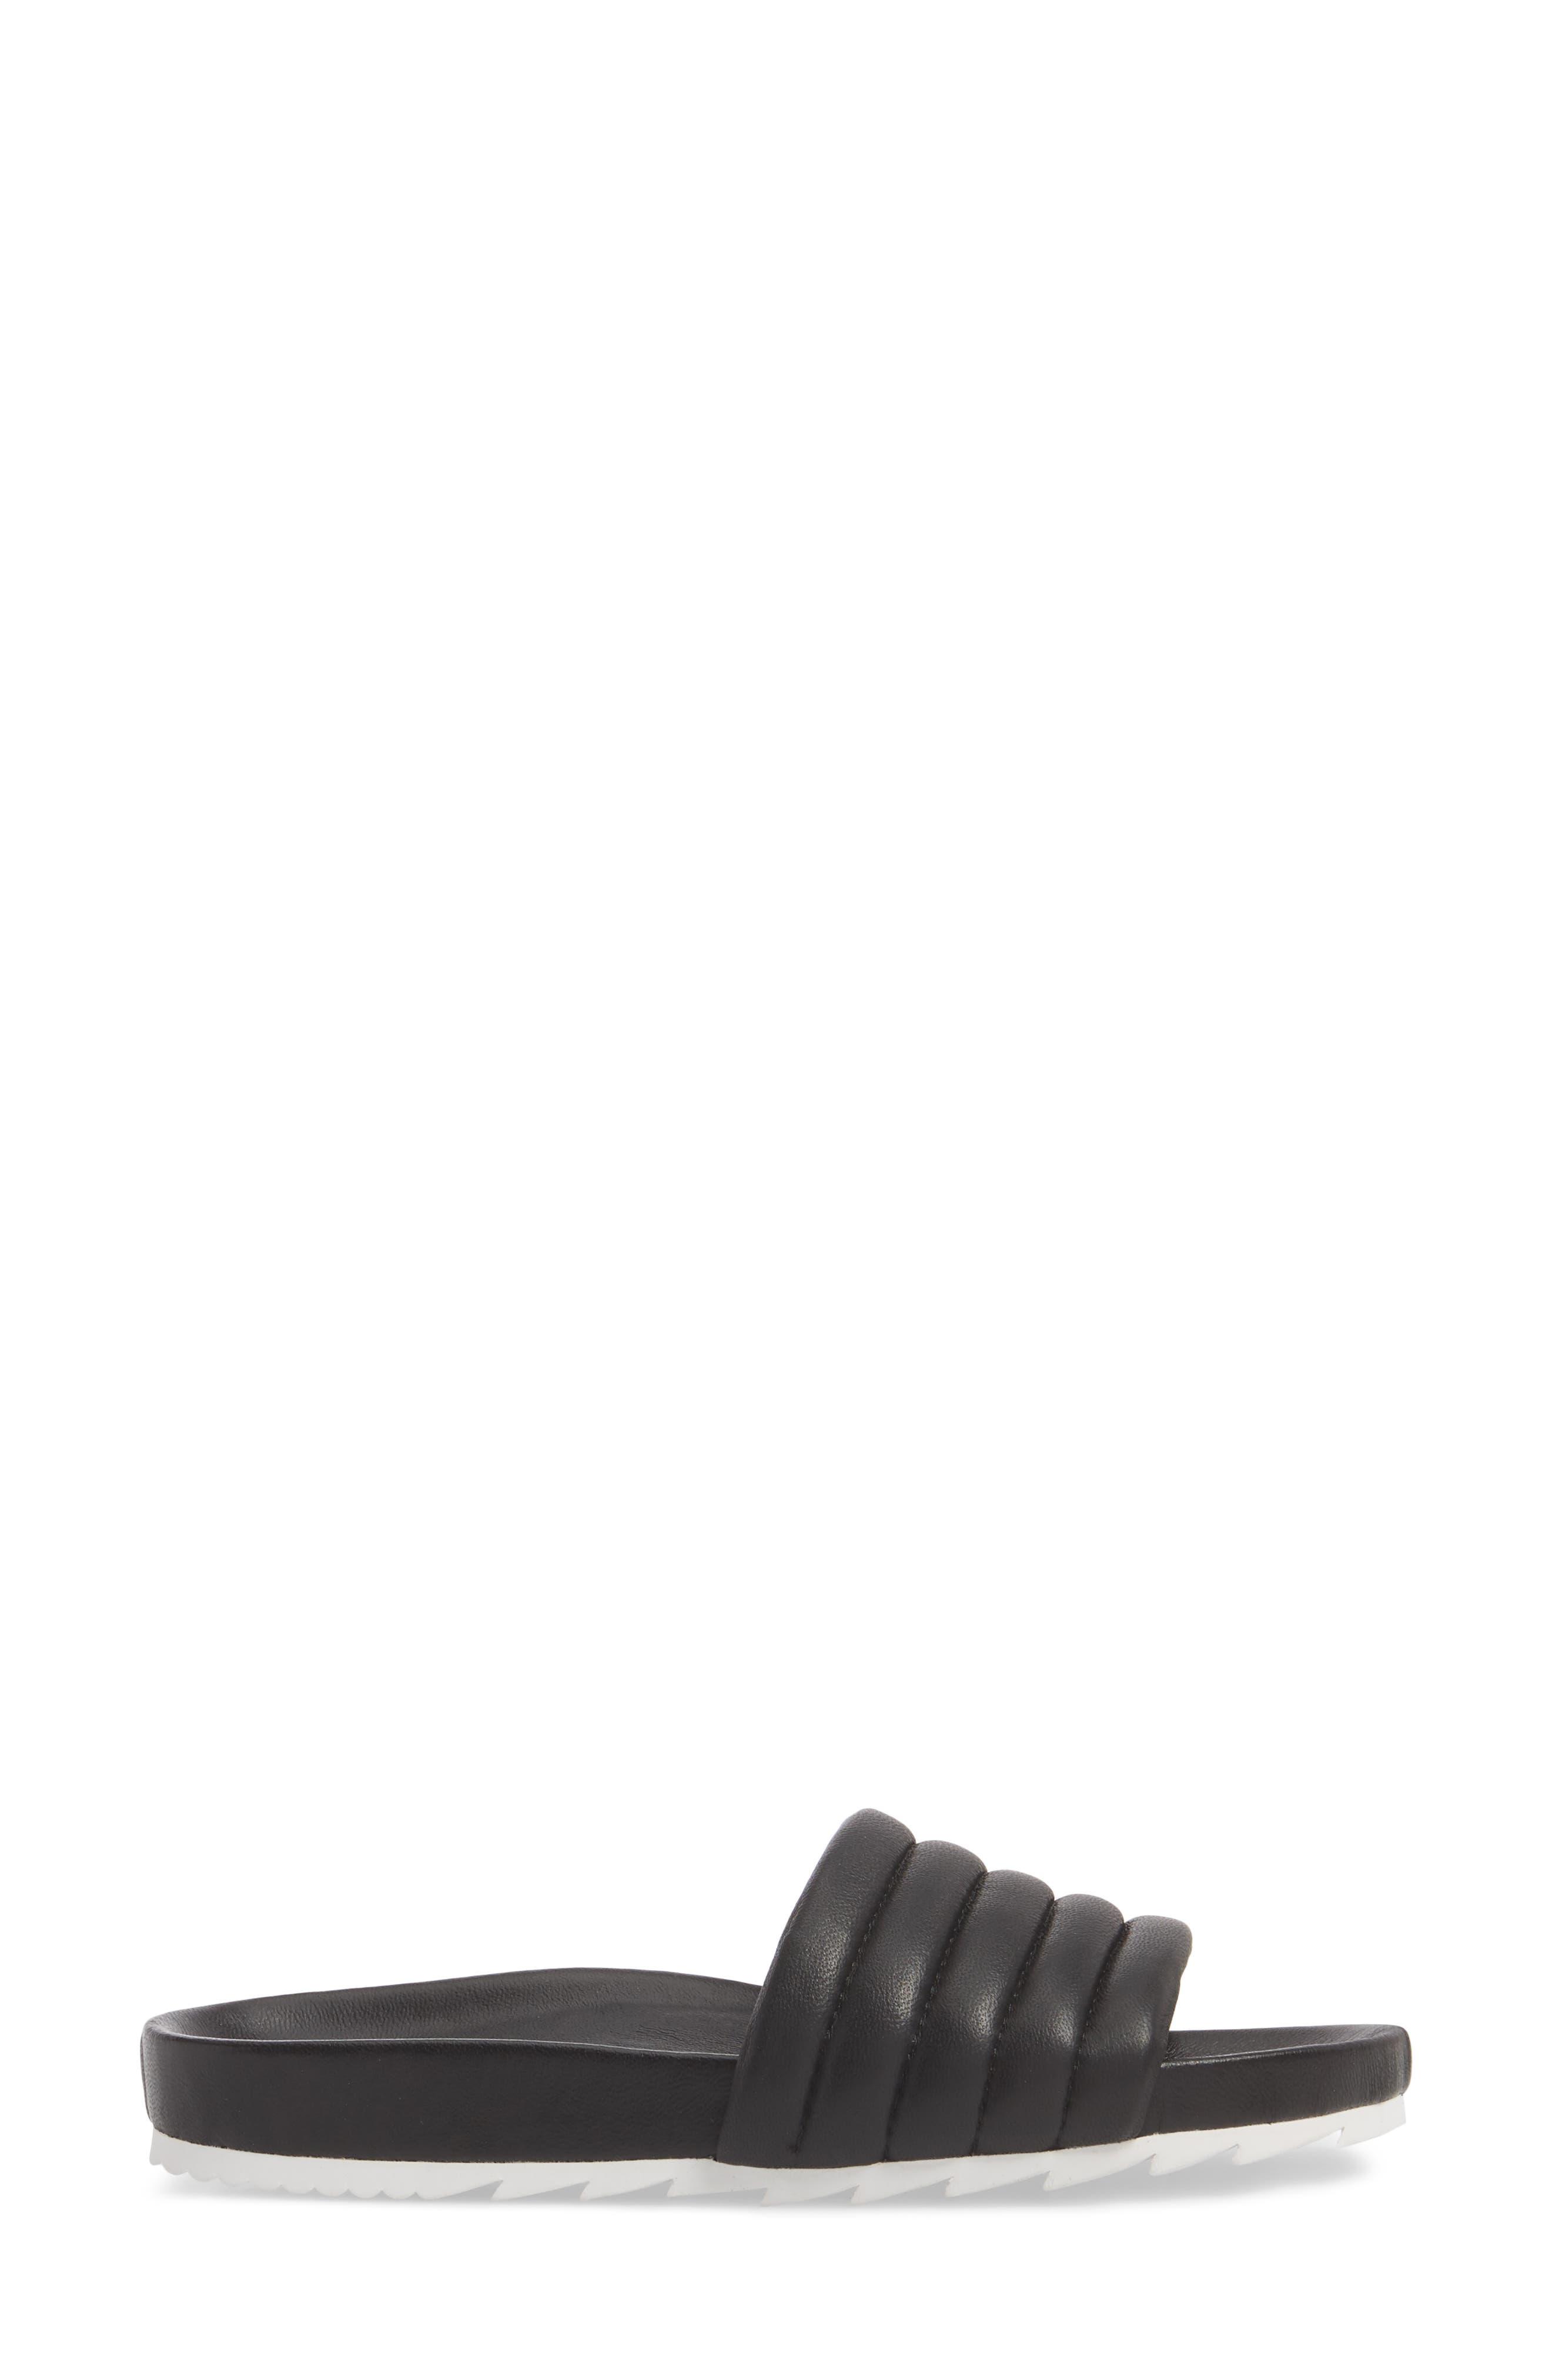 Eppie Slide Sandal,                             Alternate thumbnail 3, color,                             BLACK LEATHER